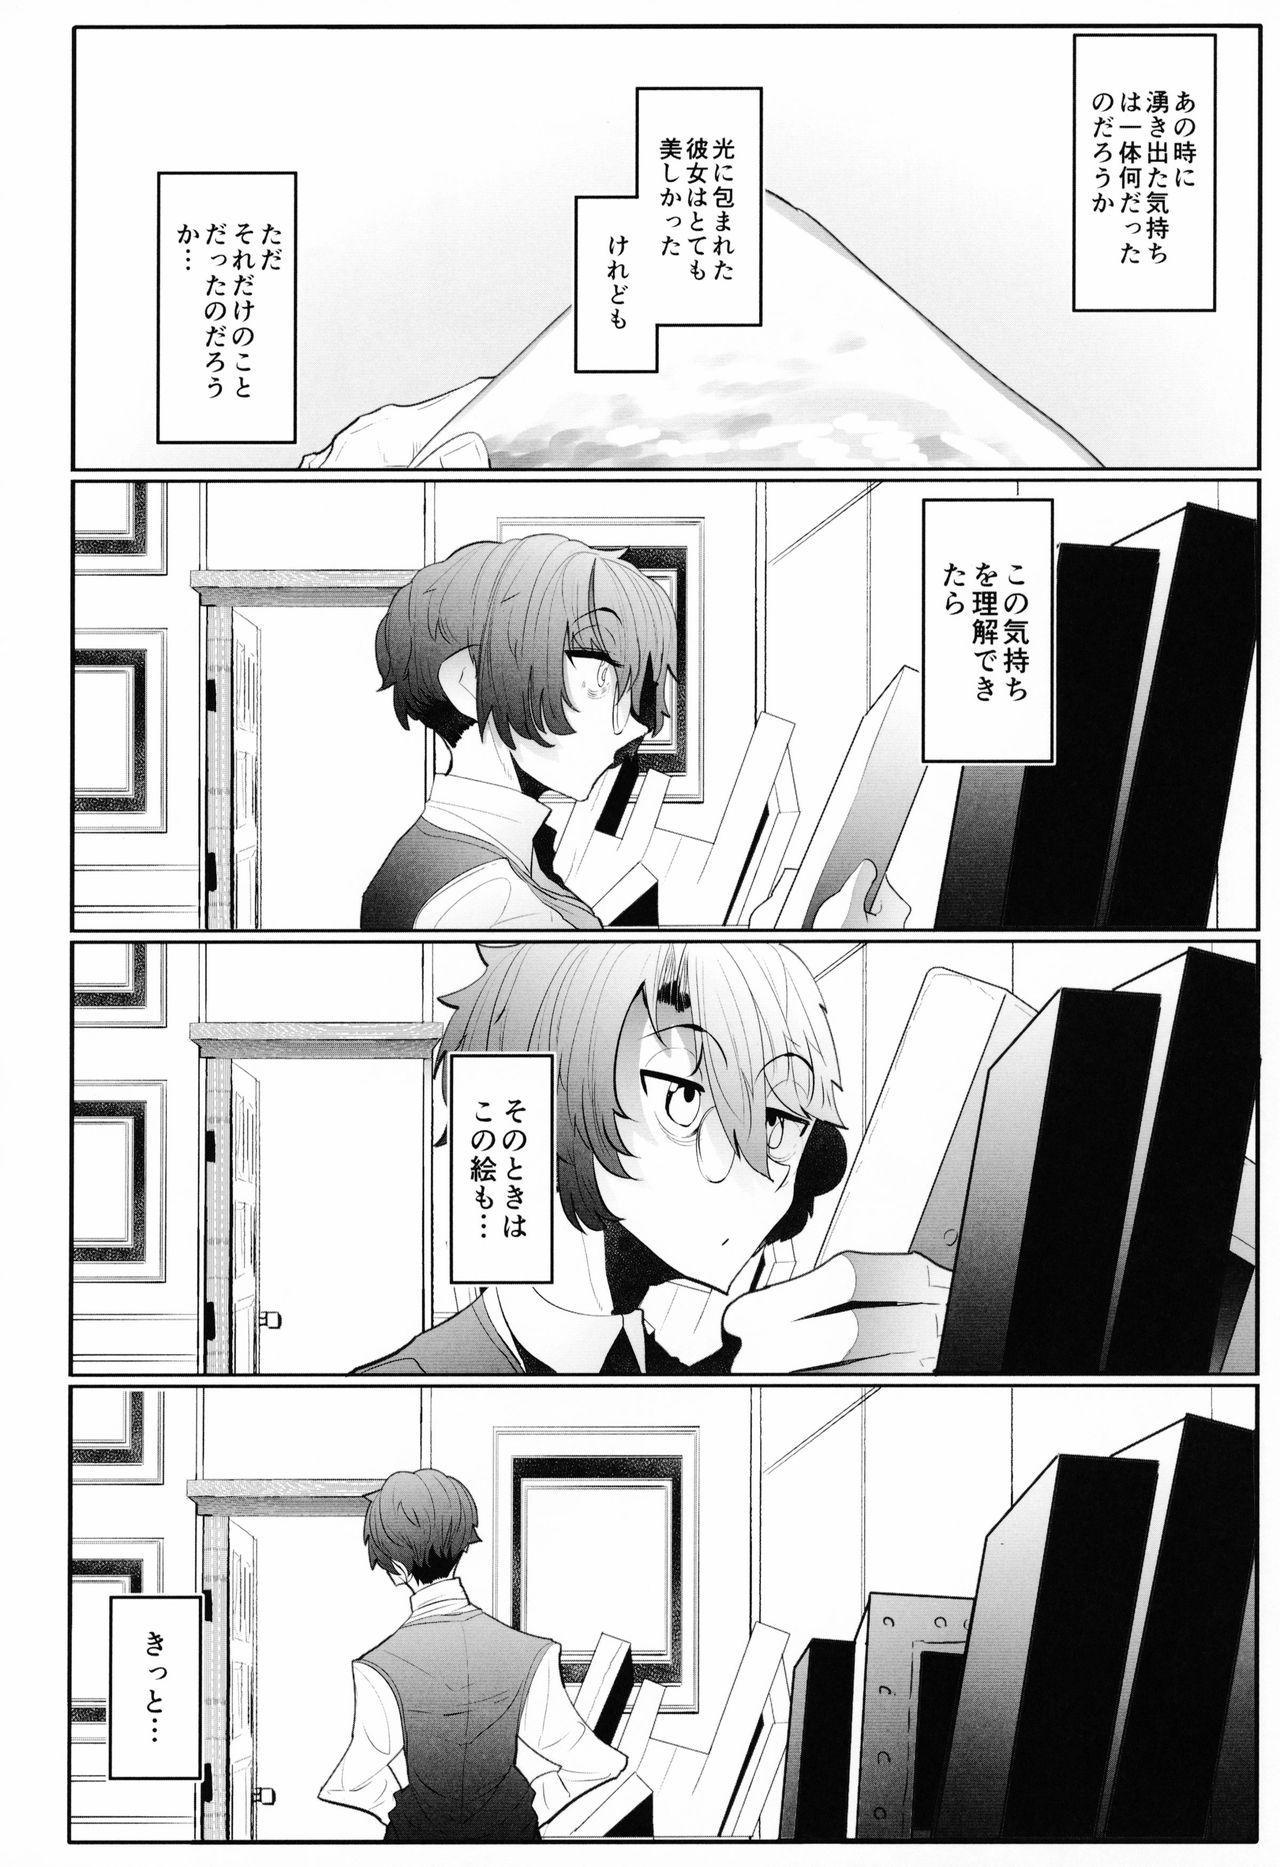 Shinshi Tsuki Maid no Sophie-san 3 54